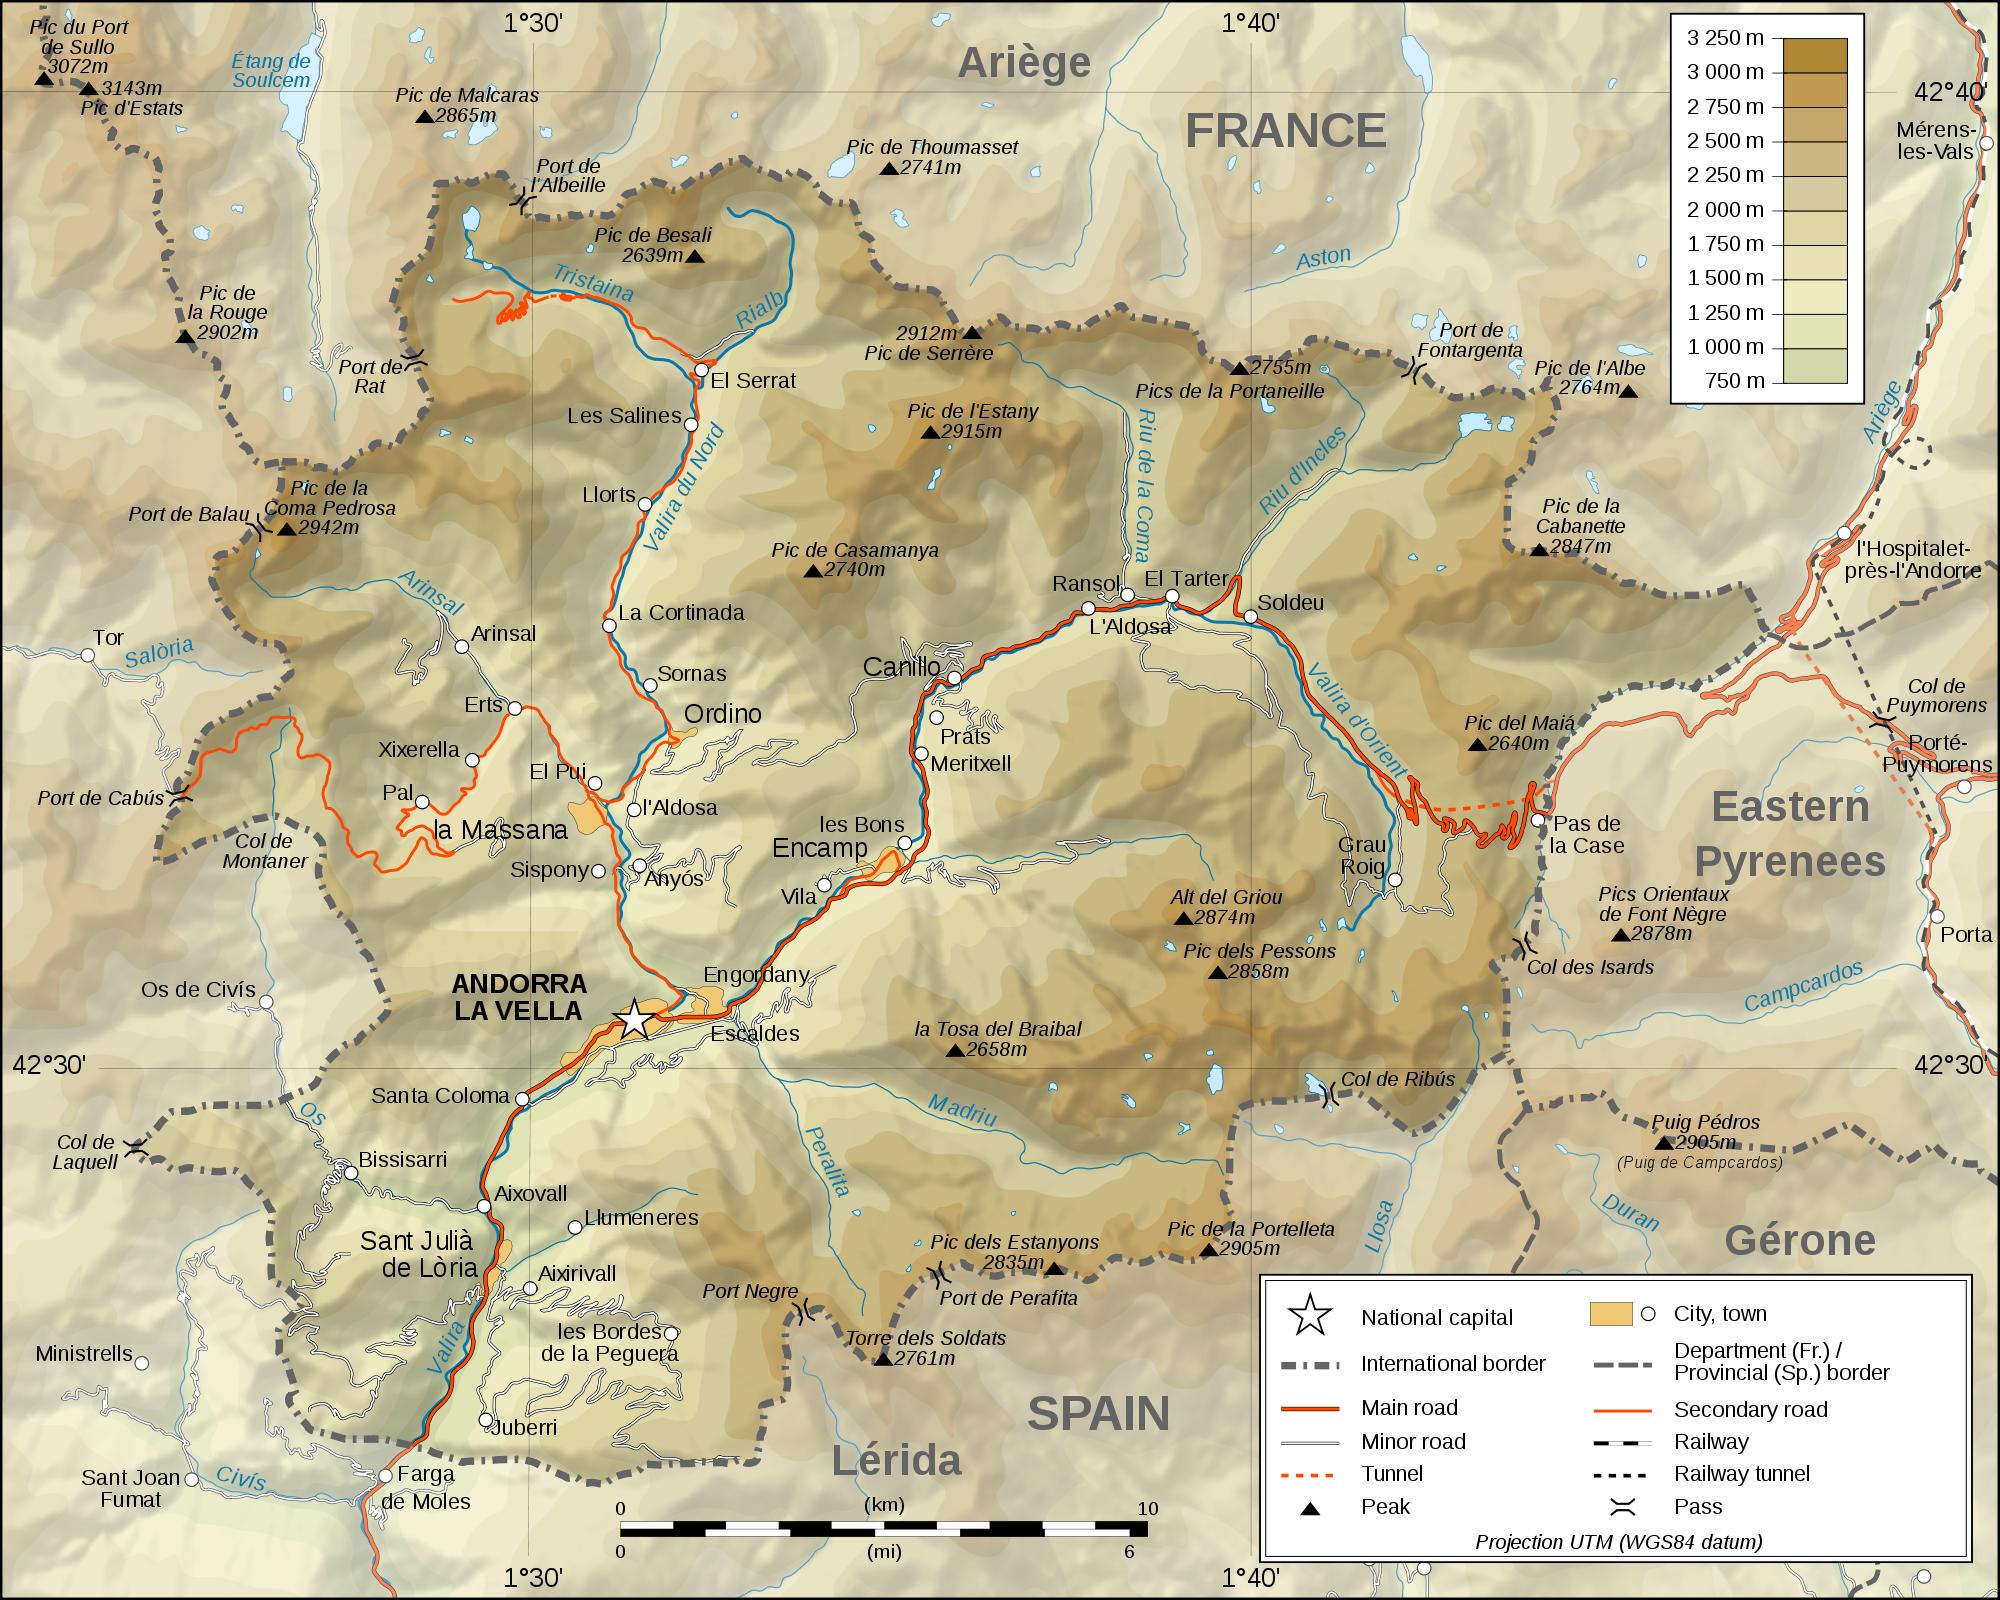 Mapa físico de Andorra 2009